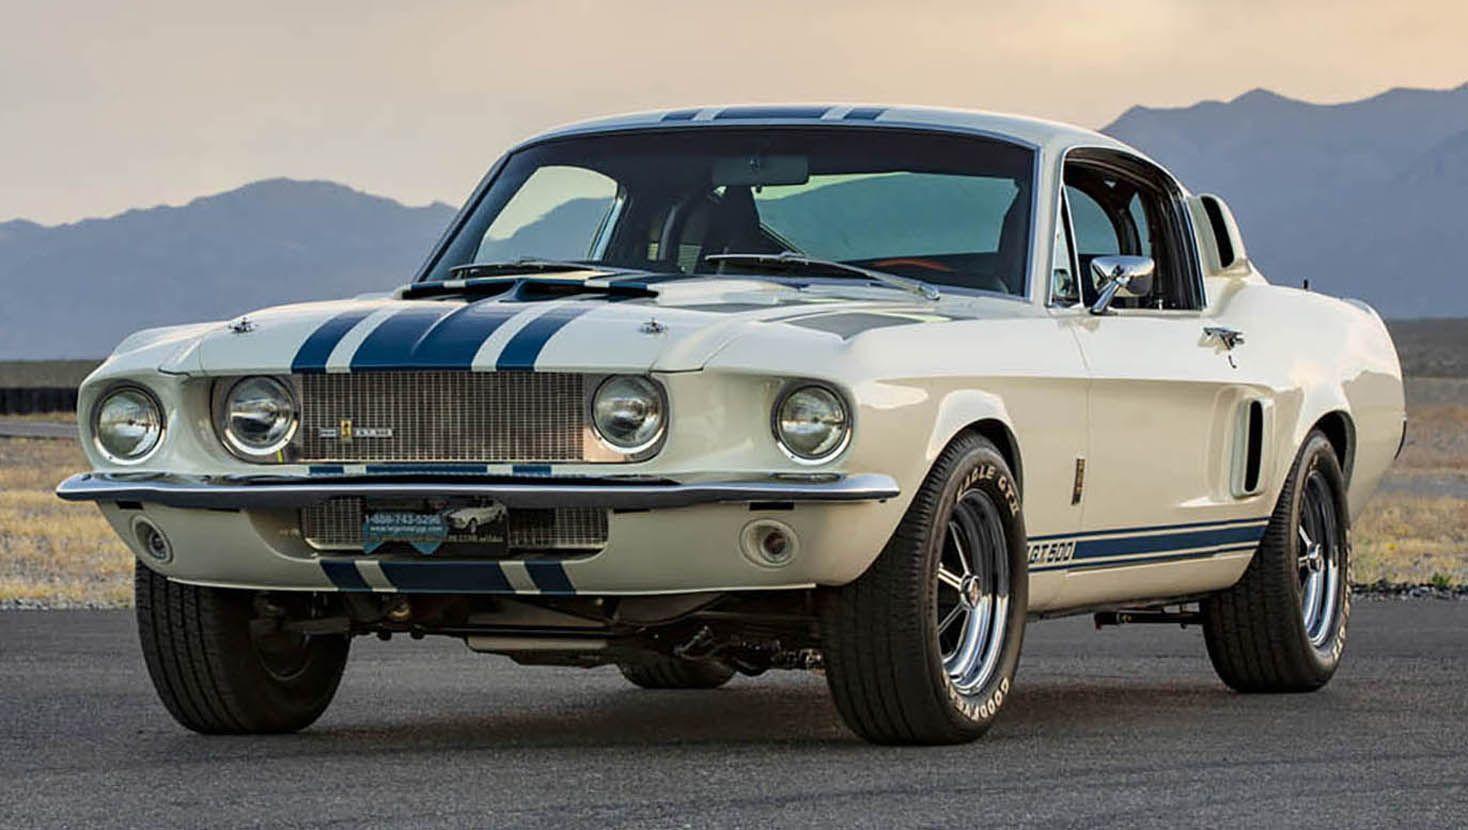 فورد موستانغ شيلبي جي تي 500 سوبر سنايك الأسطورة تعود الى الانتاج وبسعر 250 ألف دولار موقع ويلز Shelby Gt500 Ford Mustang Shelby Gt Ford Shelby